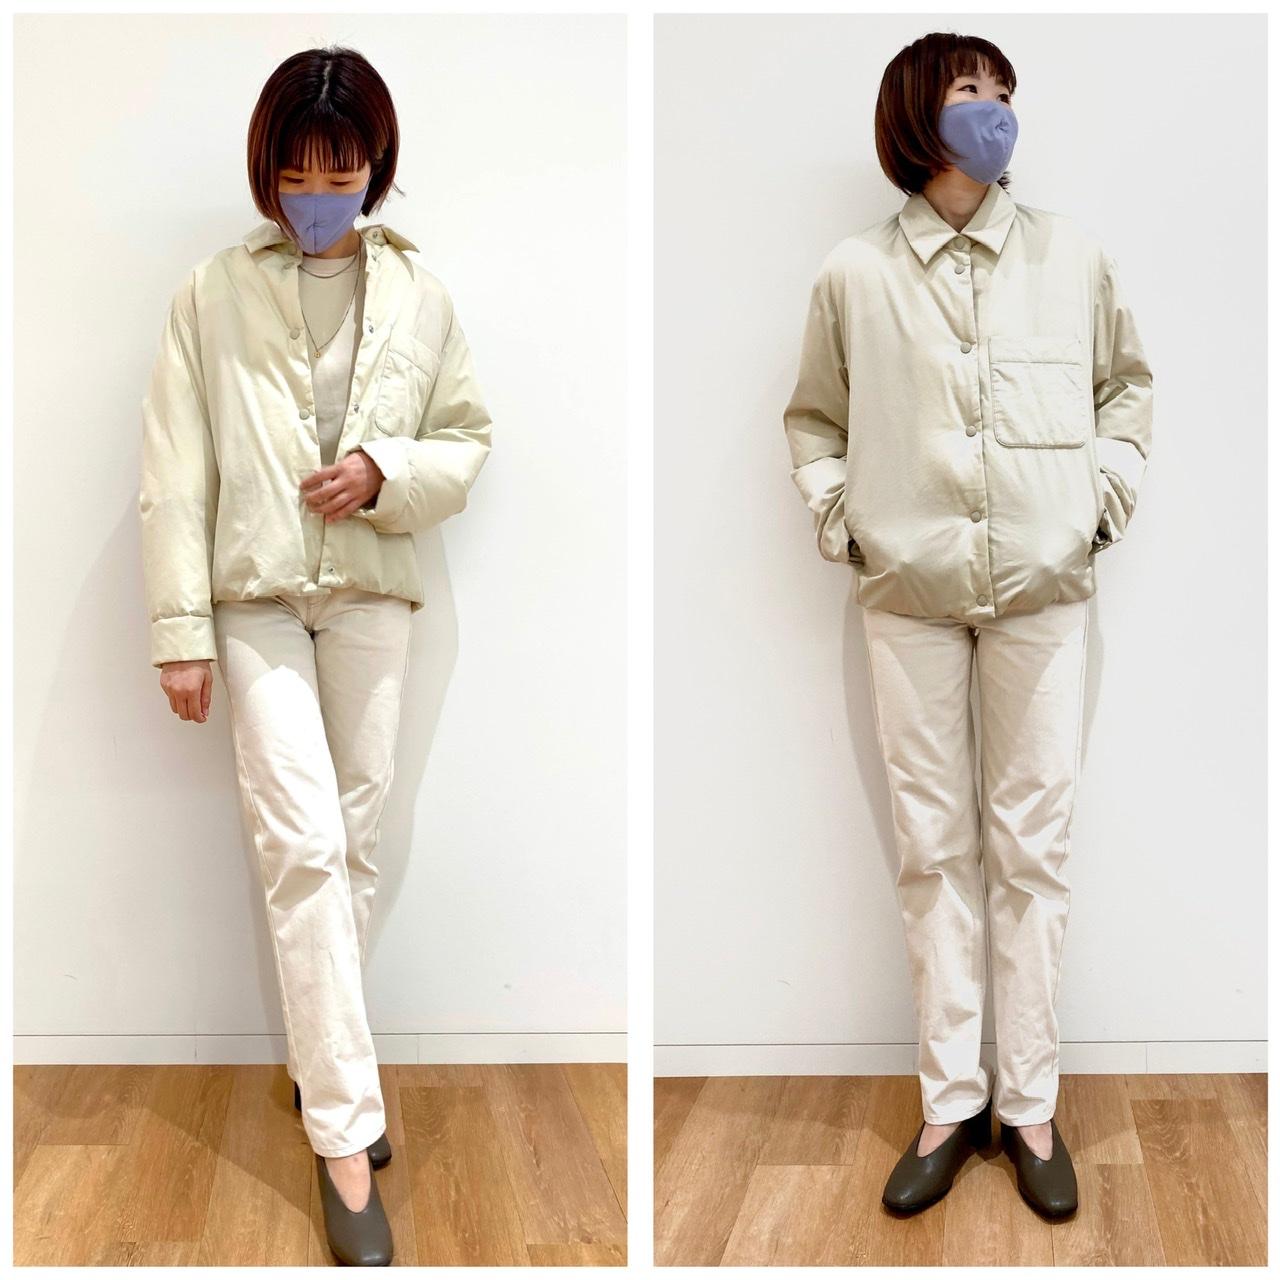 ユニクロユーのパデットシャツジャケットを試着